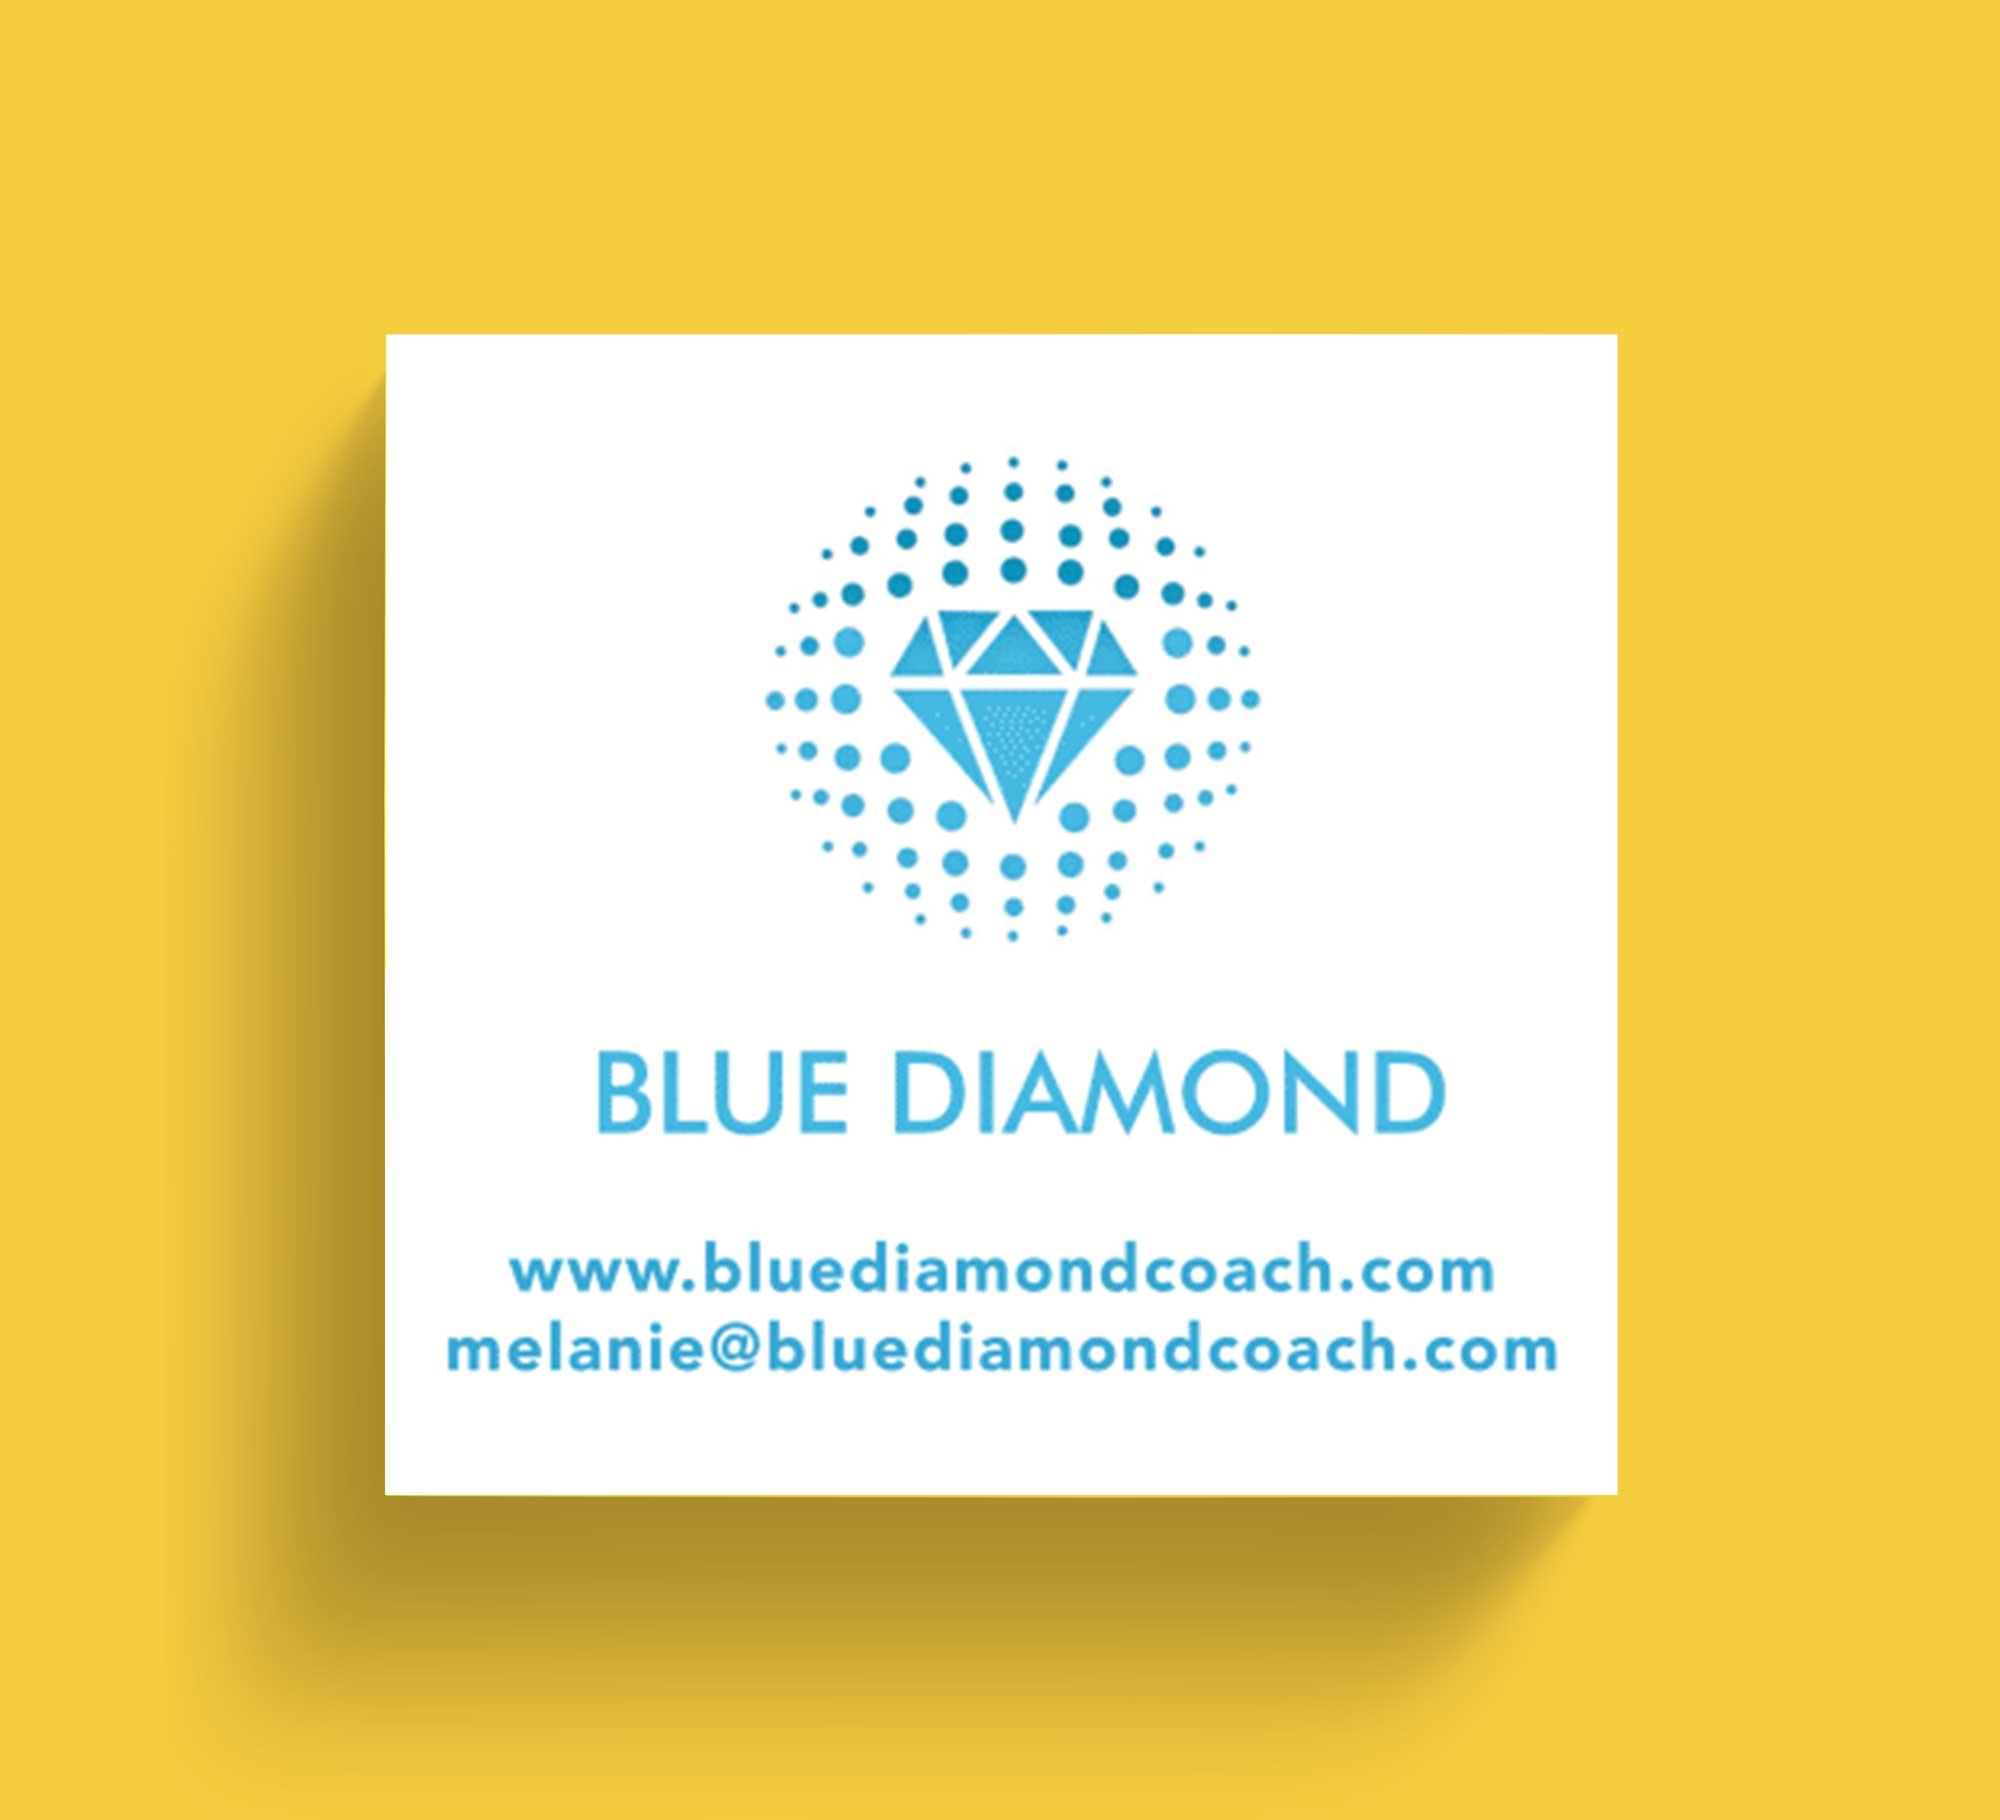 blue_diamond-2_yellow